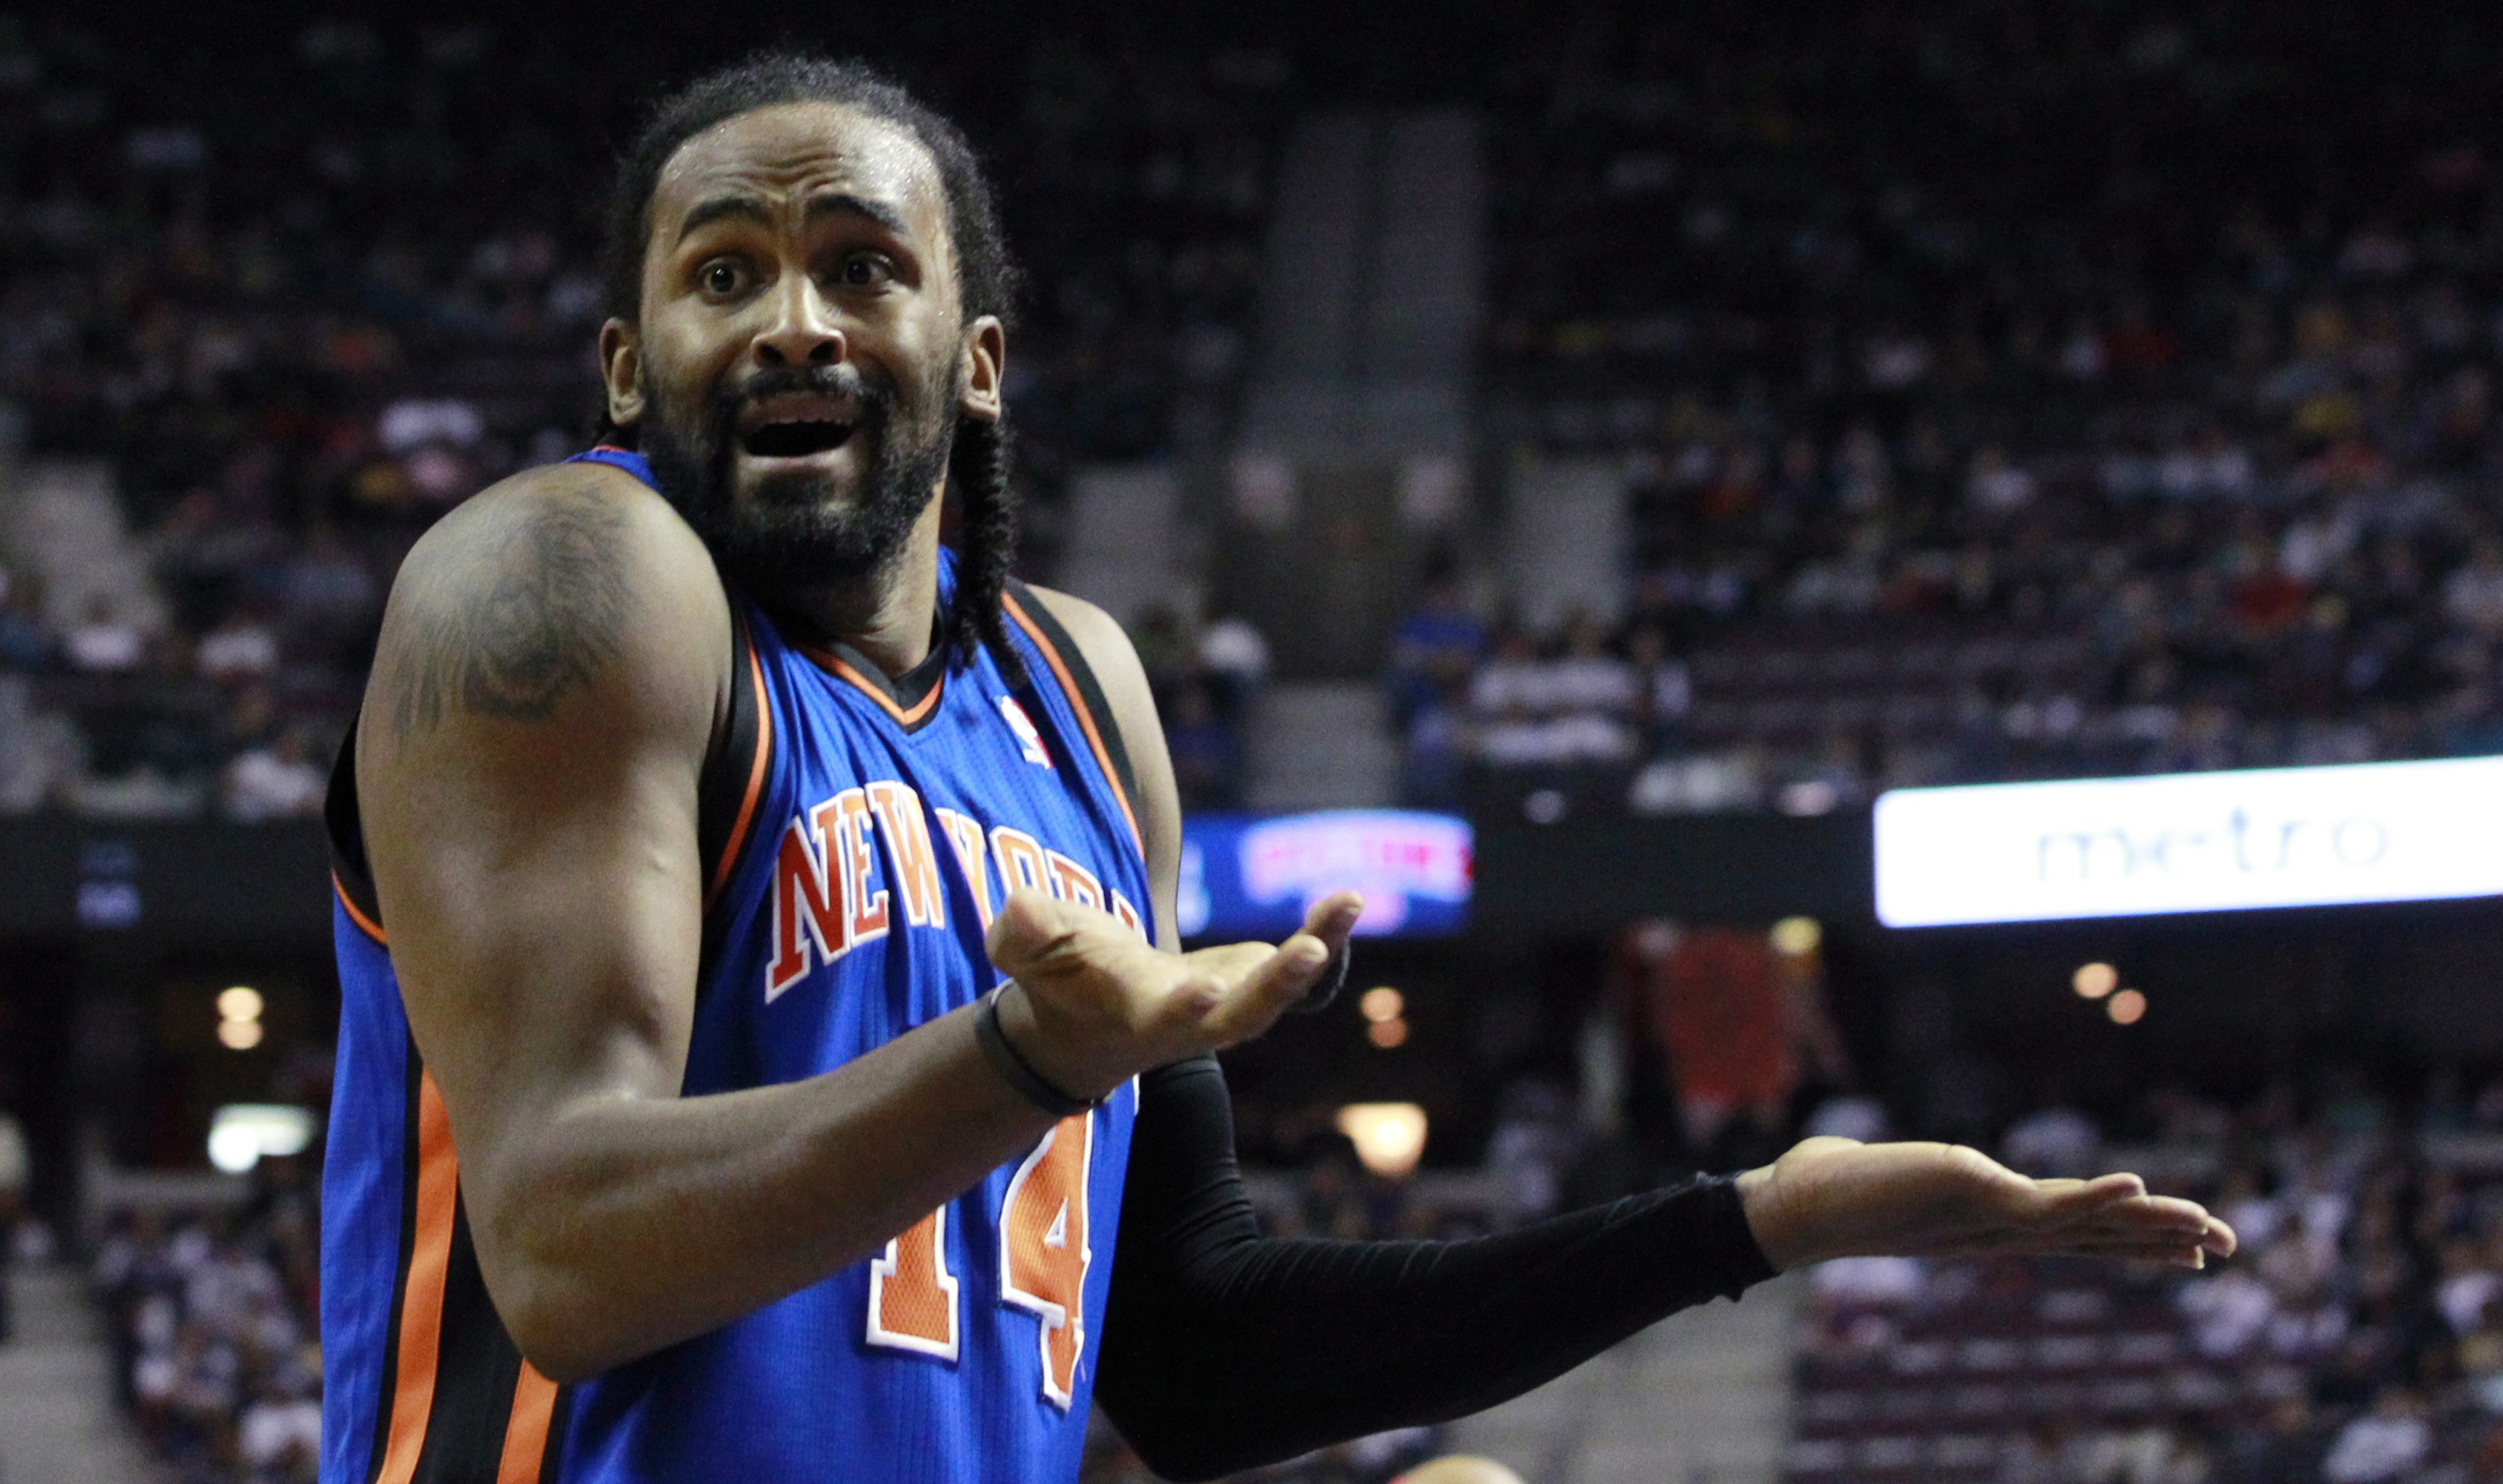 НБА звездата Туриаф: Тони Паркър?! Добре е